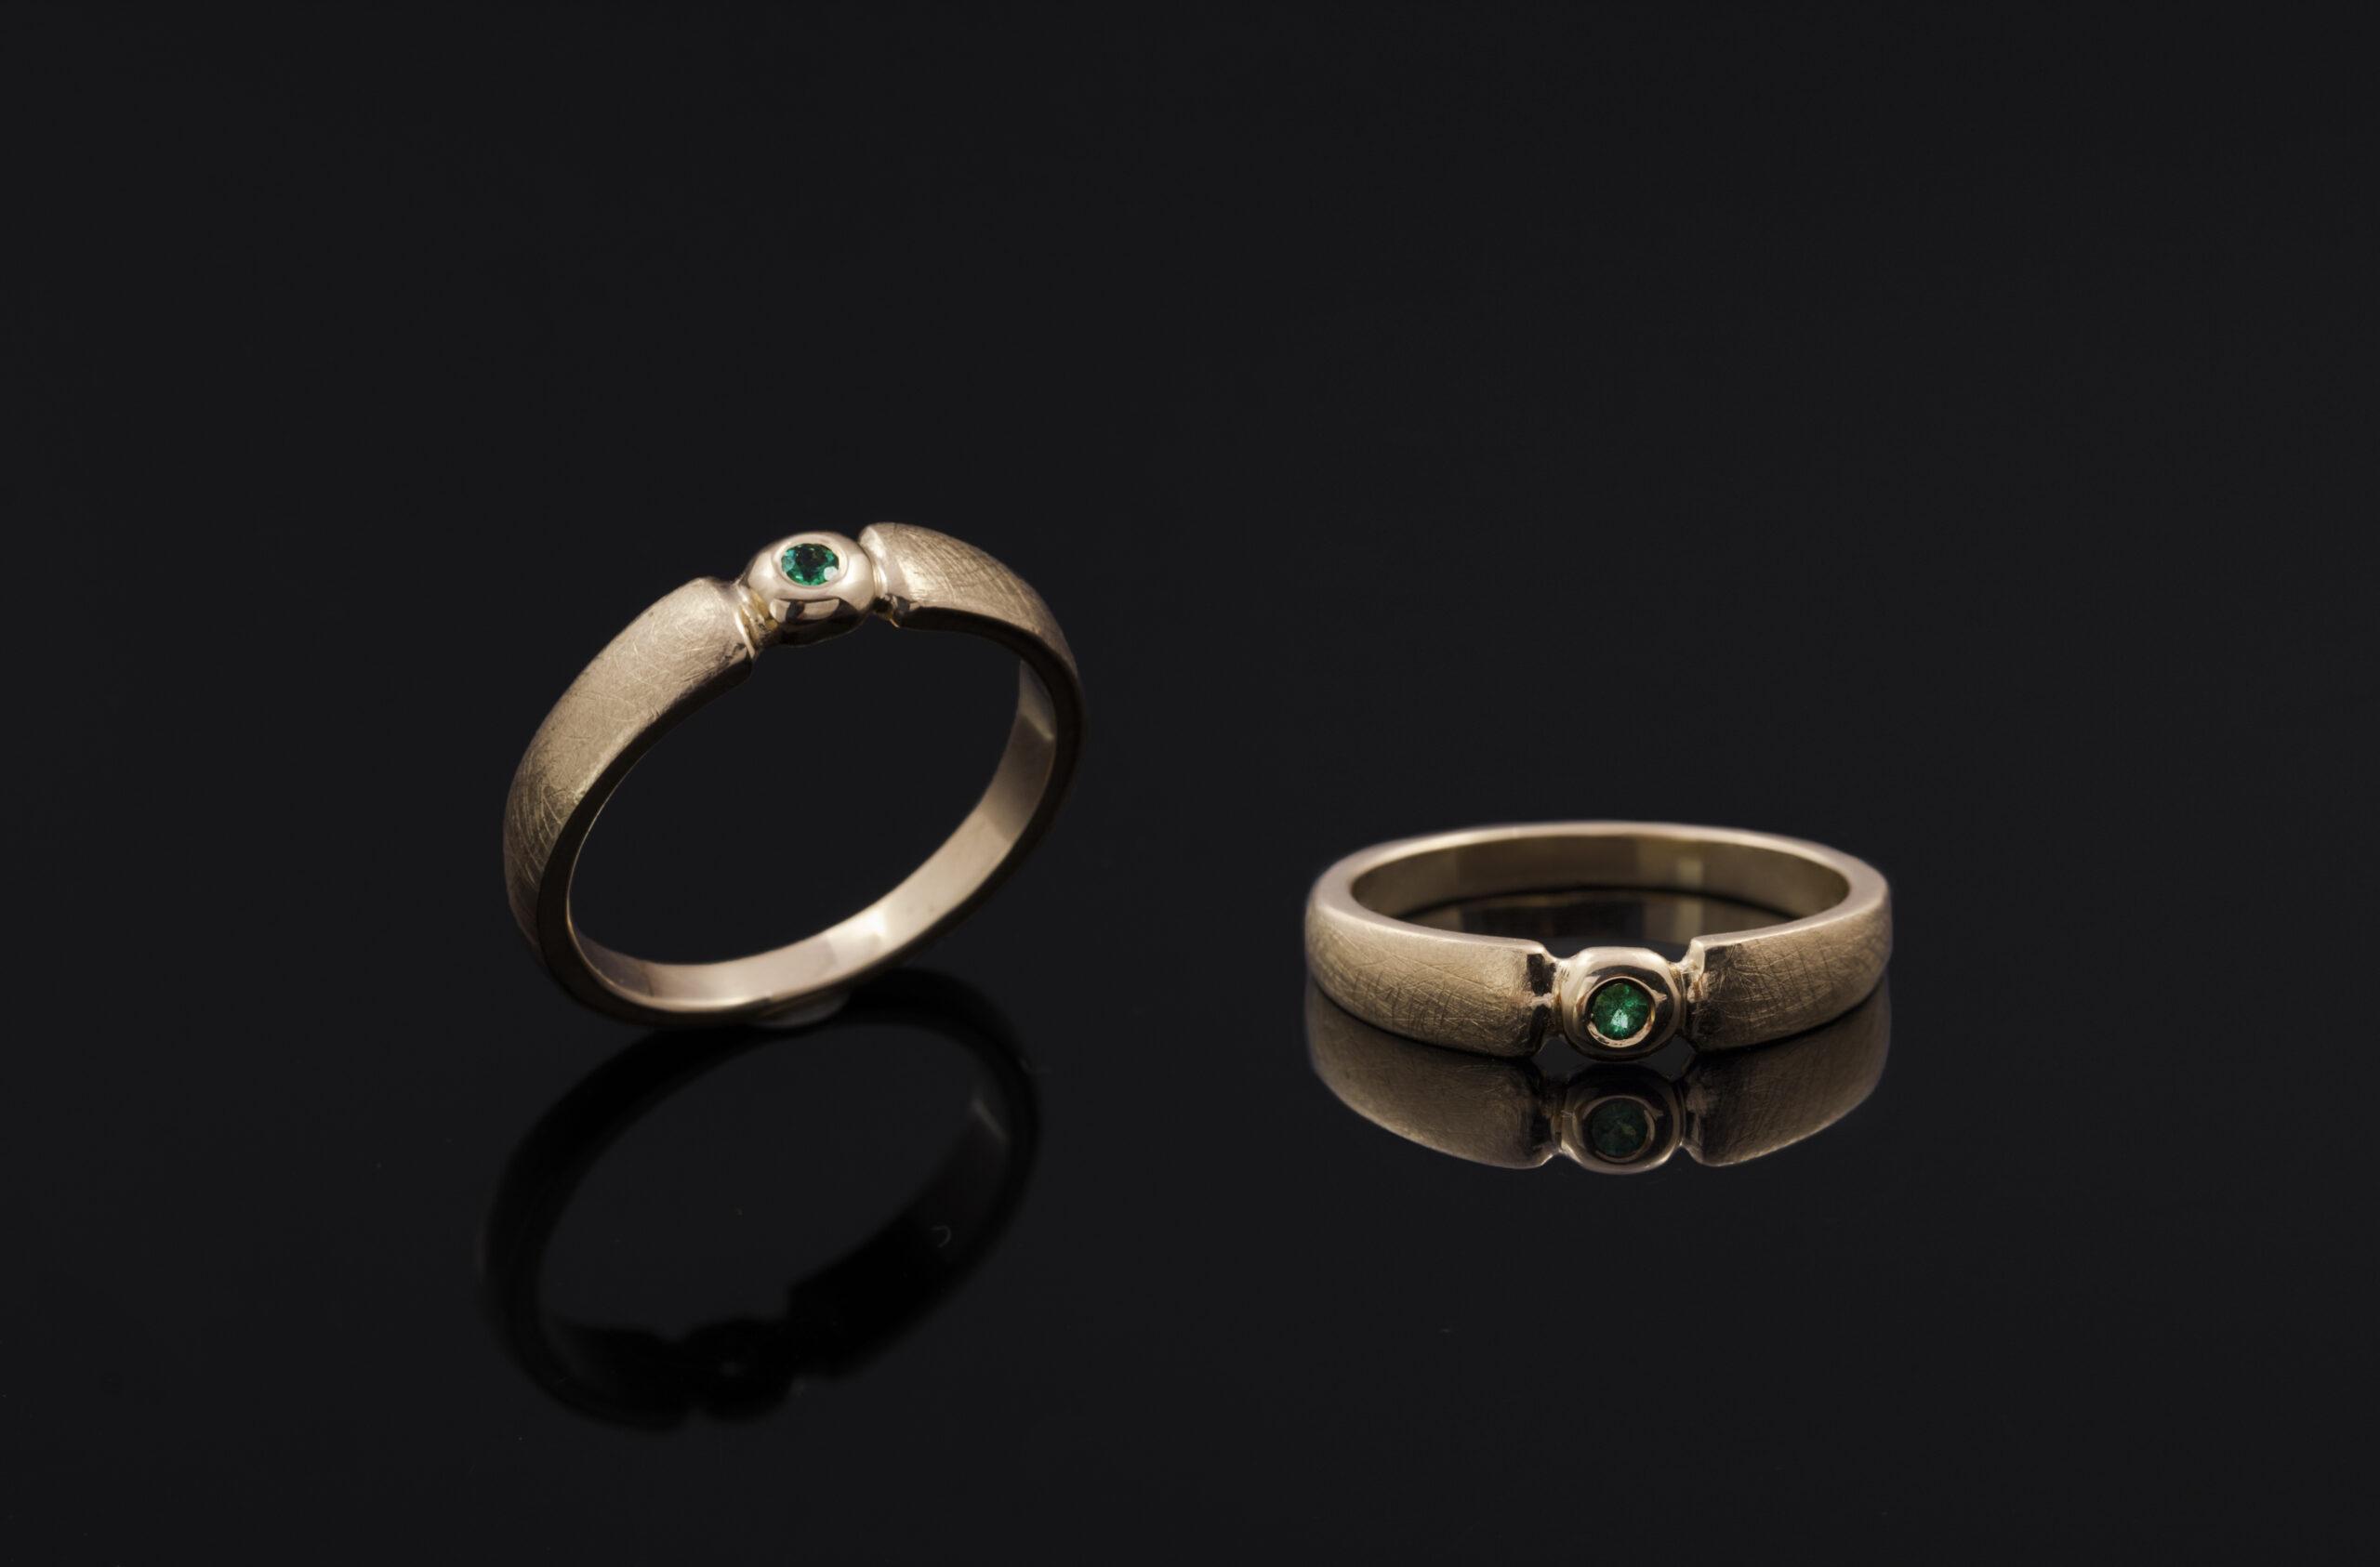 Vienetinis sužadėtuvių žiedas su smaragdu.